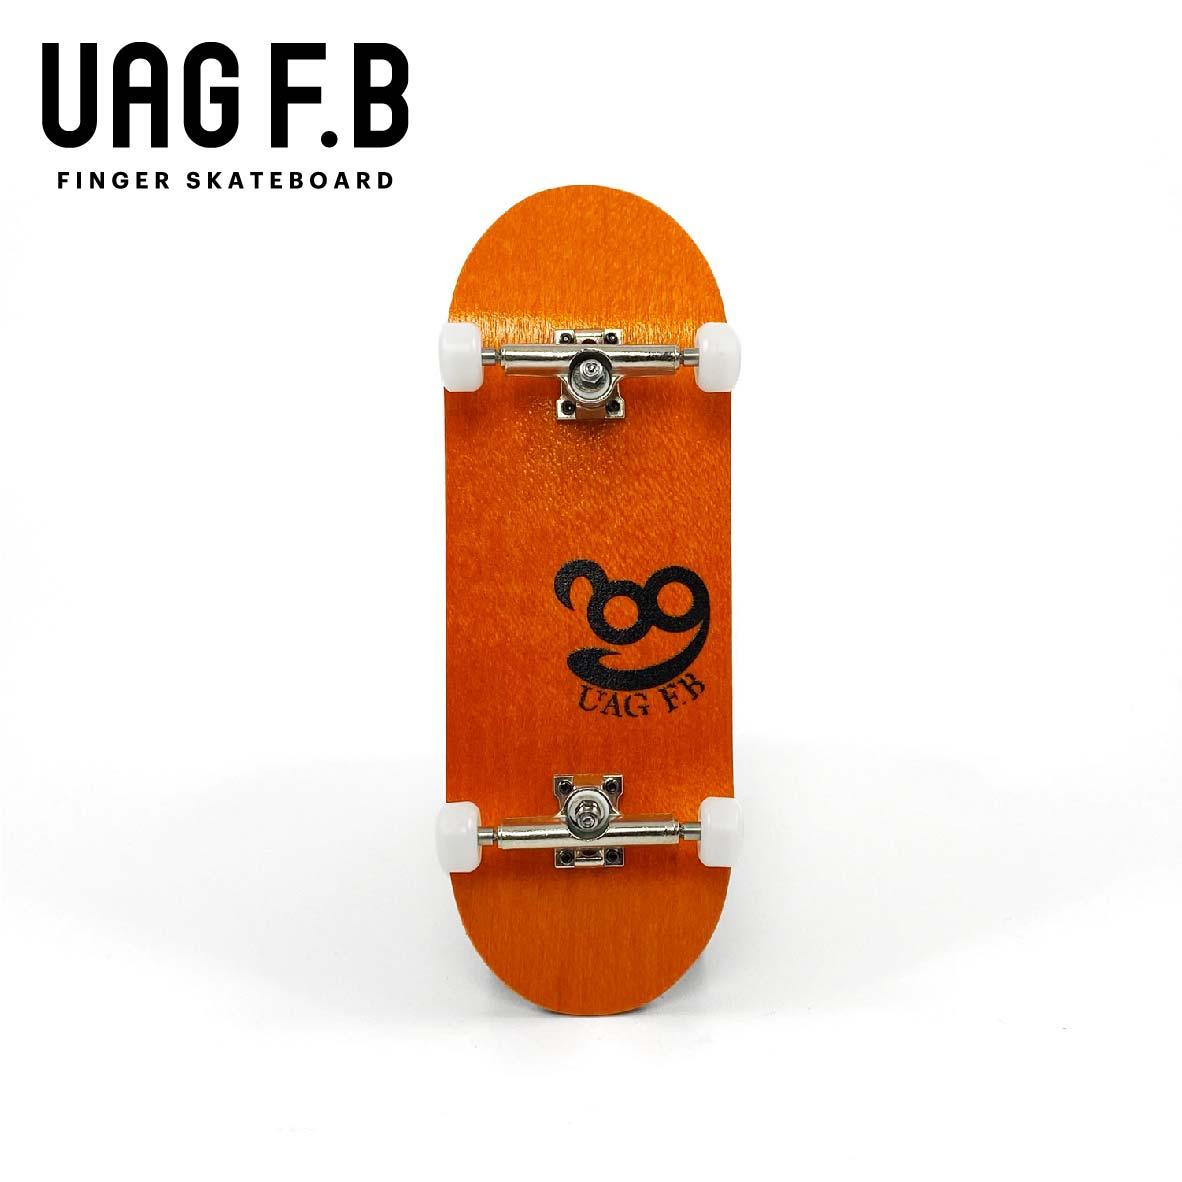 これから始めたい方にオススメ 返品不可 価格とクオリティーにこだわったUAG F.Bの定番モデル UAG F.B 《UAG コンプリート》 Simple オンラインショッピング ver- 指スケ オレンジ finger board skate -slim